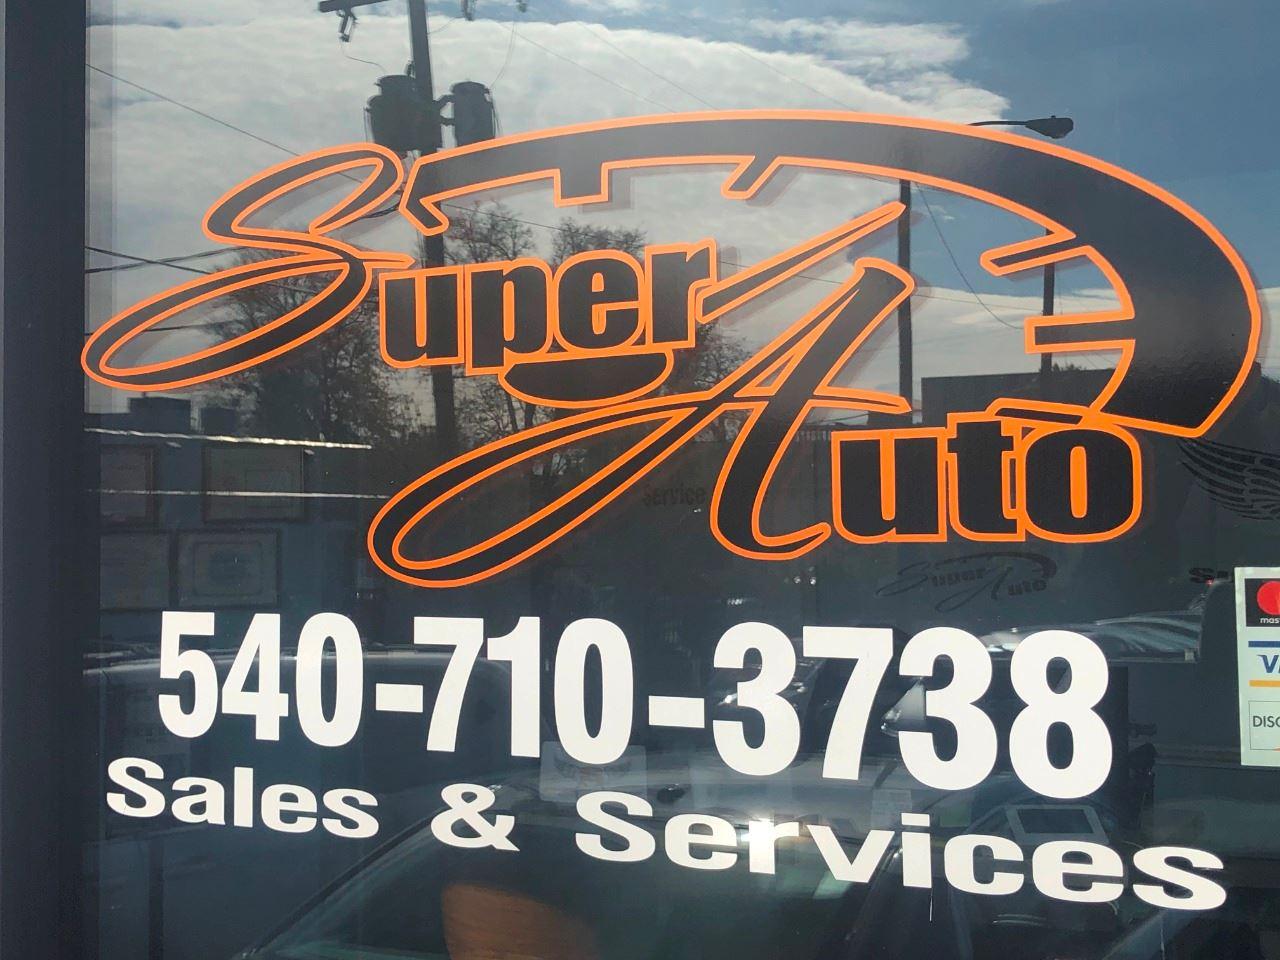 Super Auto Sales & Service